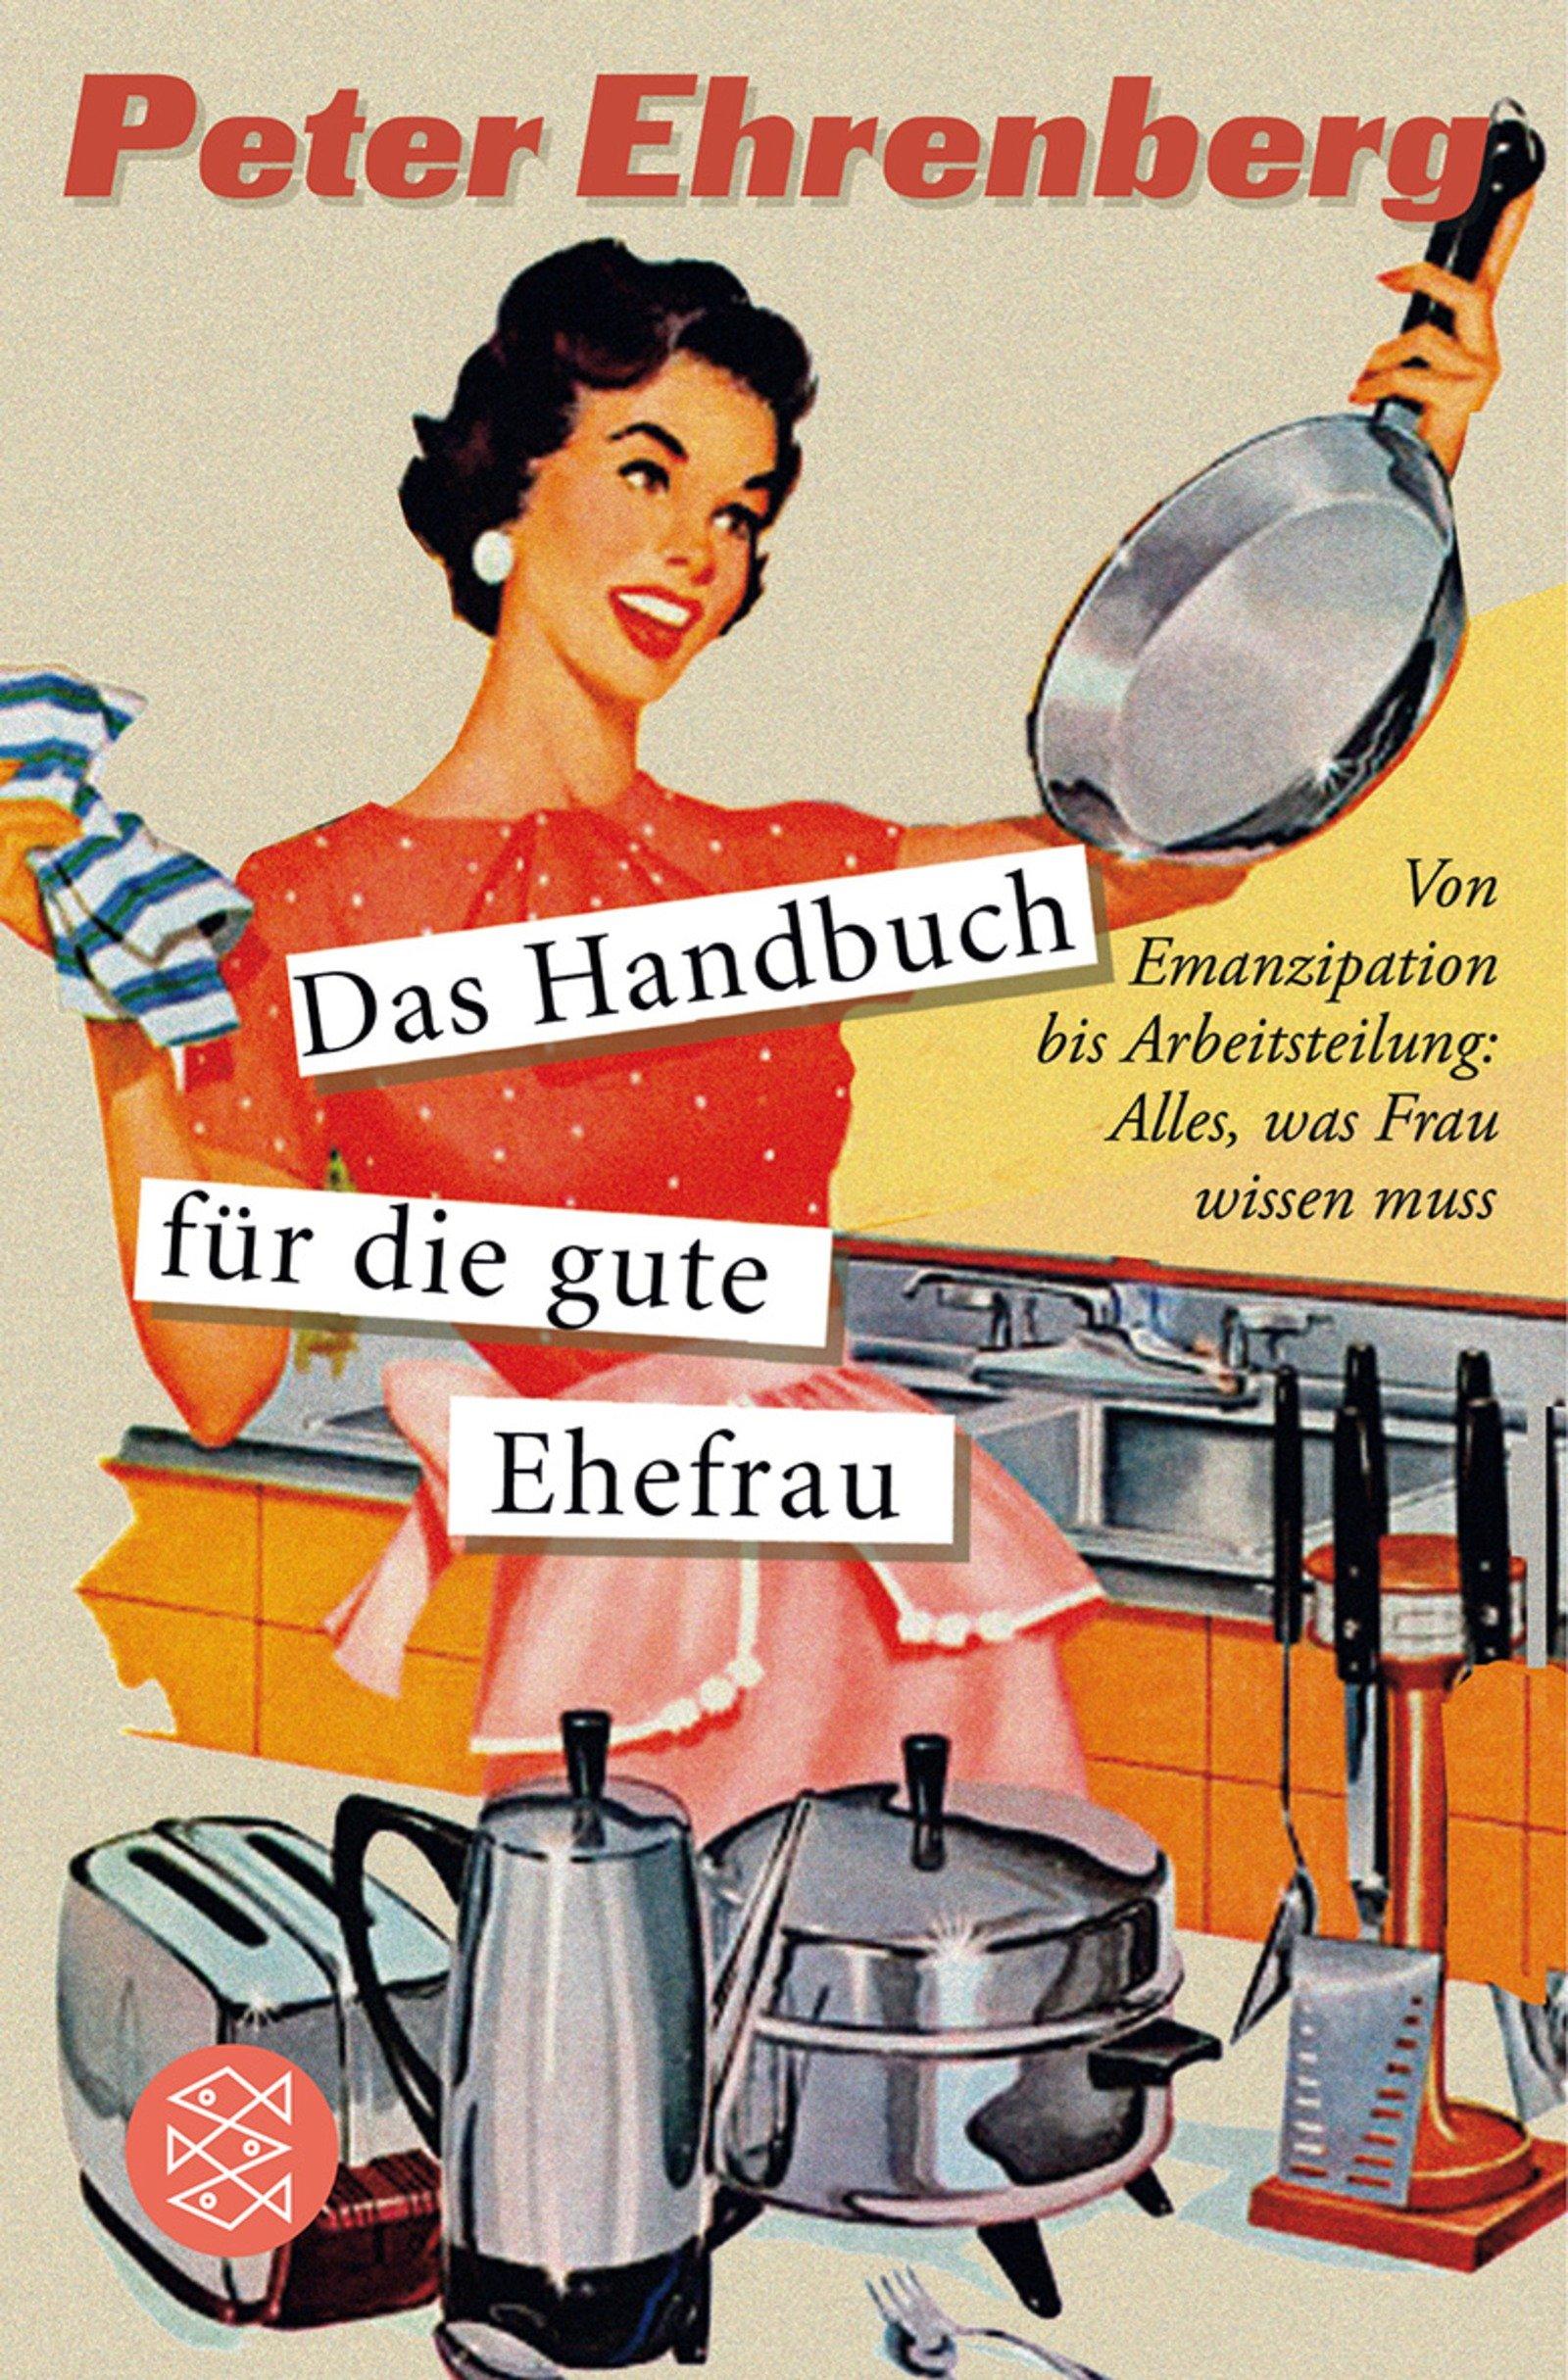 Das Handbuch Für Die Gute Ehefrau Von Emanzipation Bis